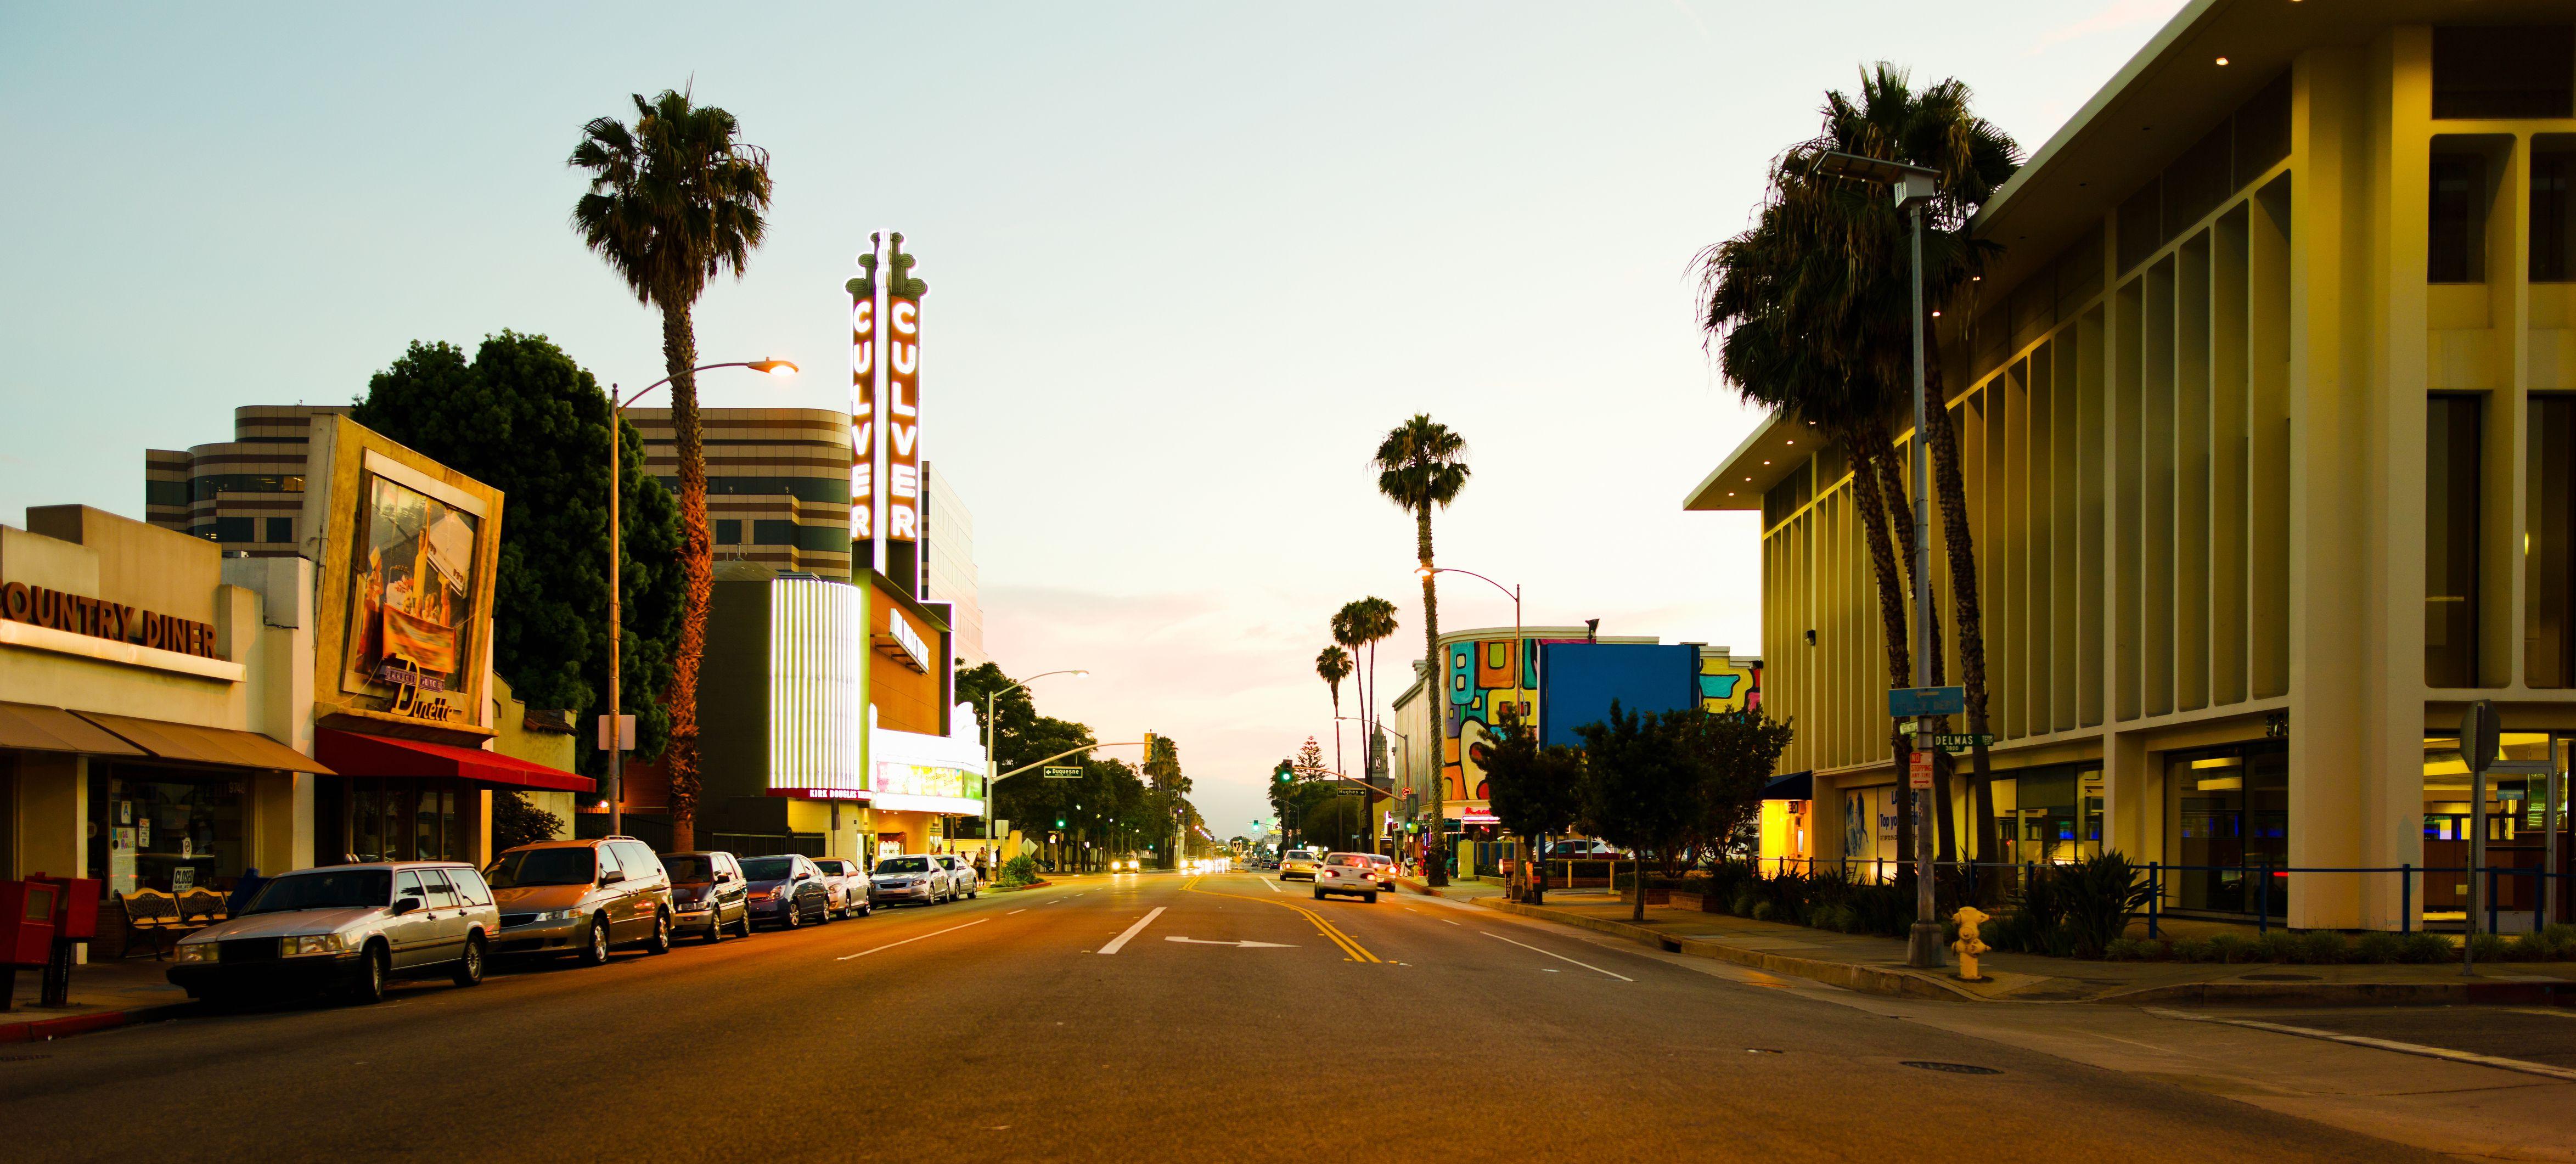 Beaches Los Angeles Culver City